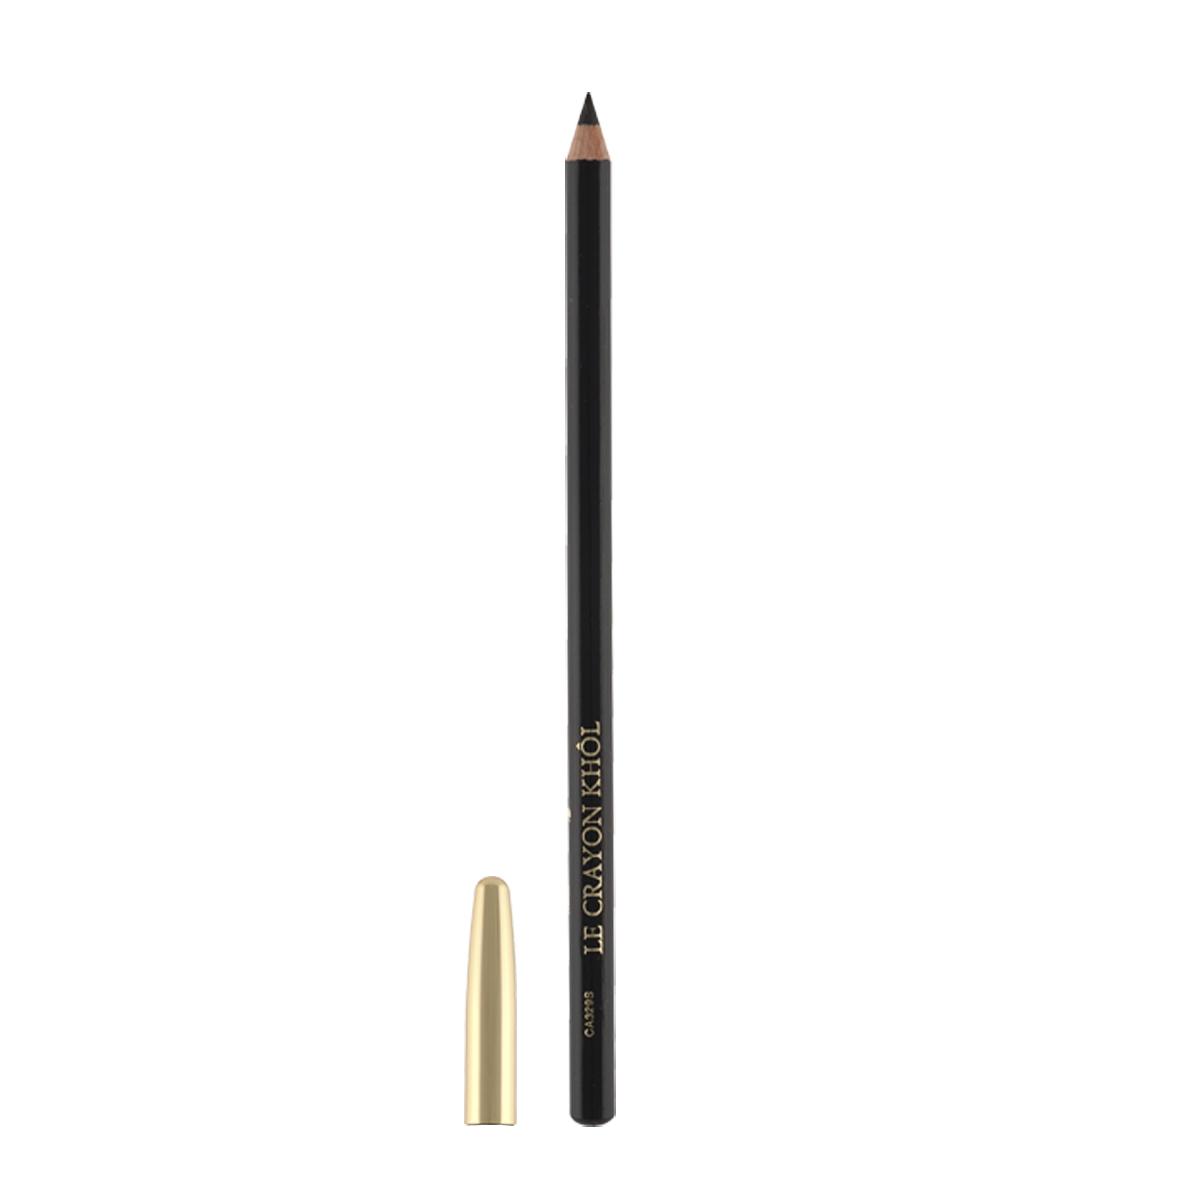 Lancôme - Crayon Khôl - Dessine ou redessine le contour des yeux